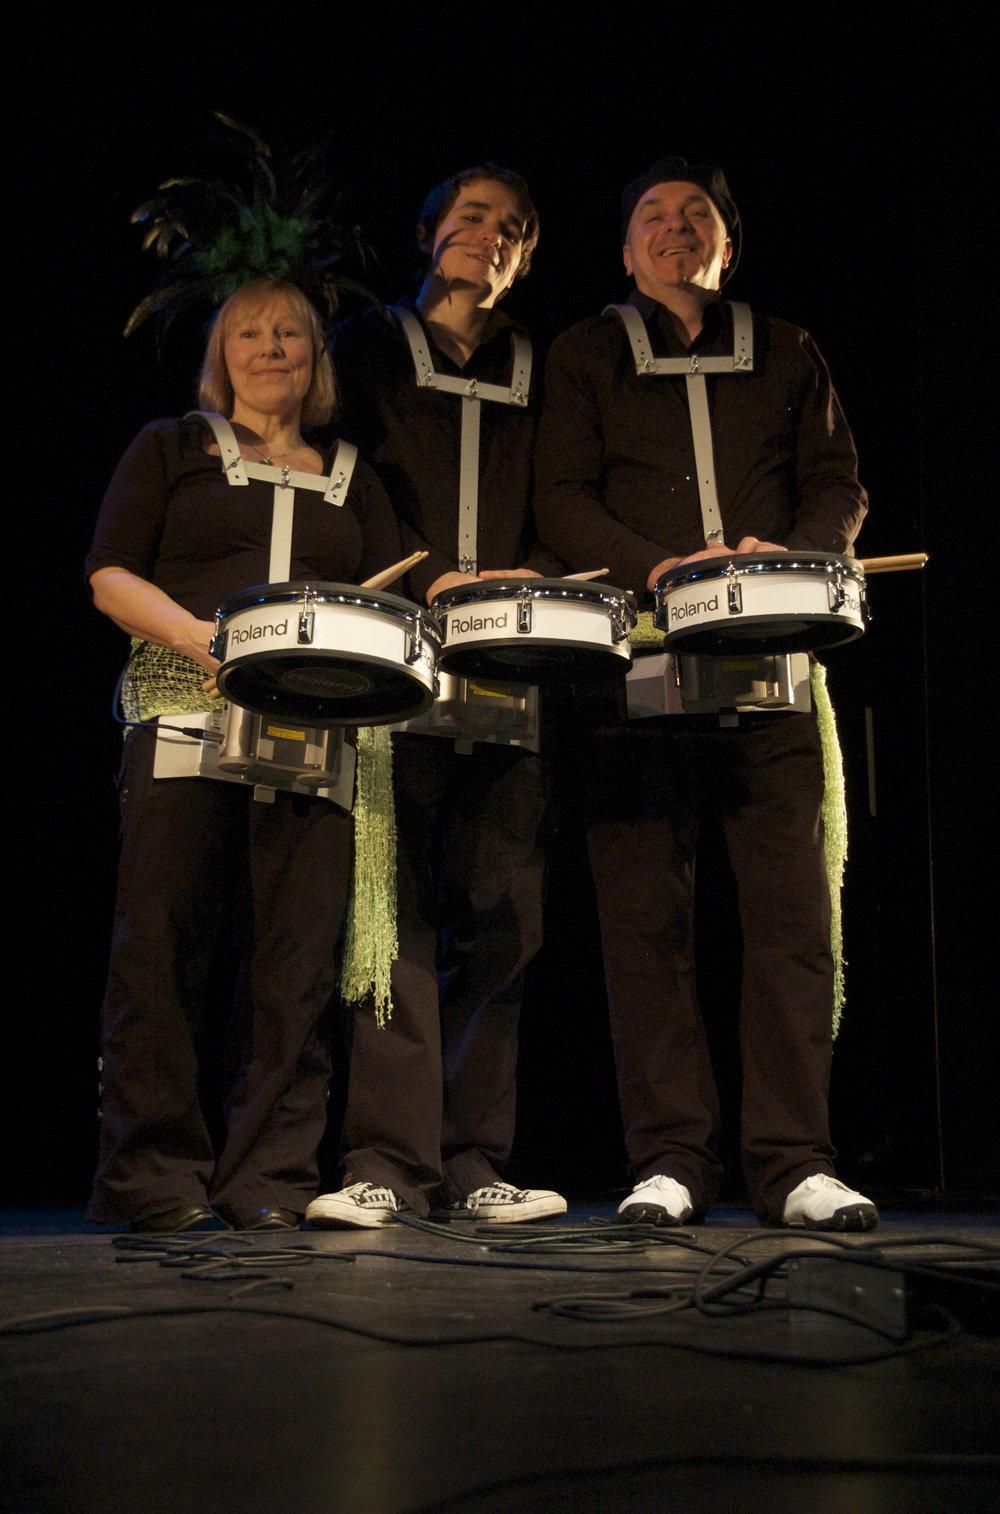 roland-v-drums-photo-shoot_5042822372_o.jpg